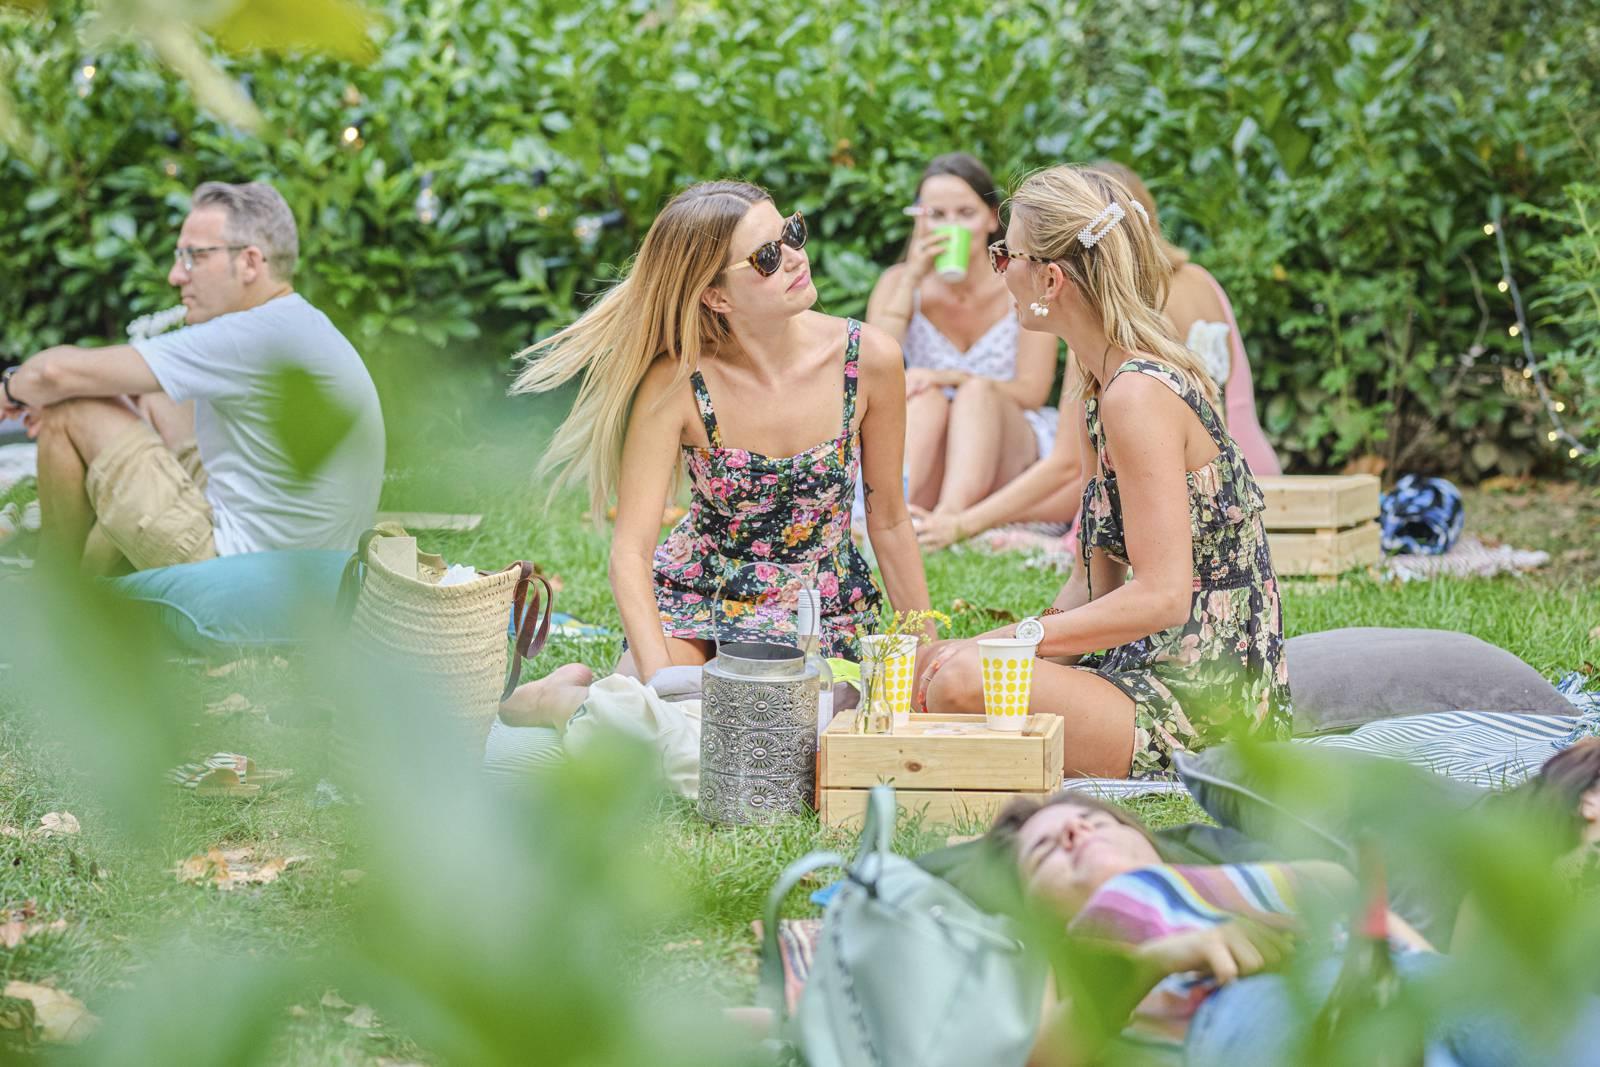 Zagrebačka piknik oaza u kojoj ćete moći uživati svakog petka